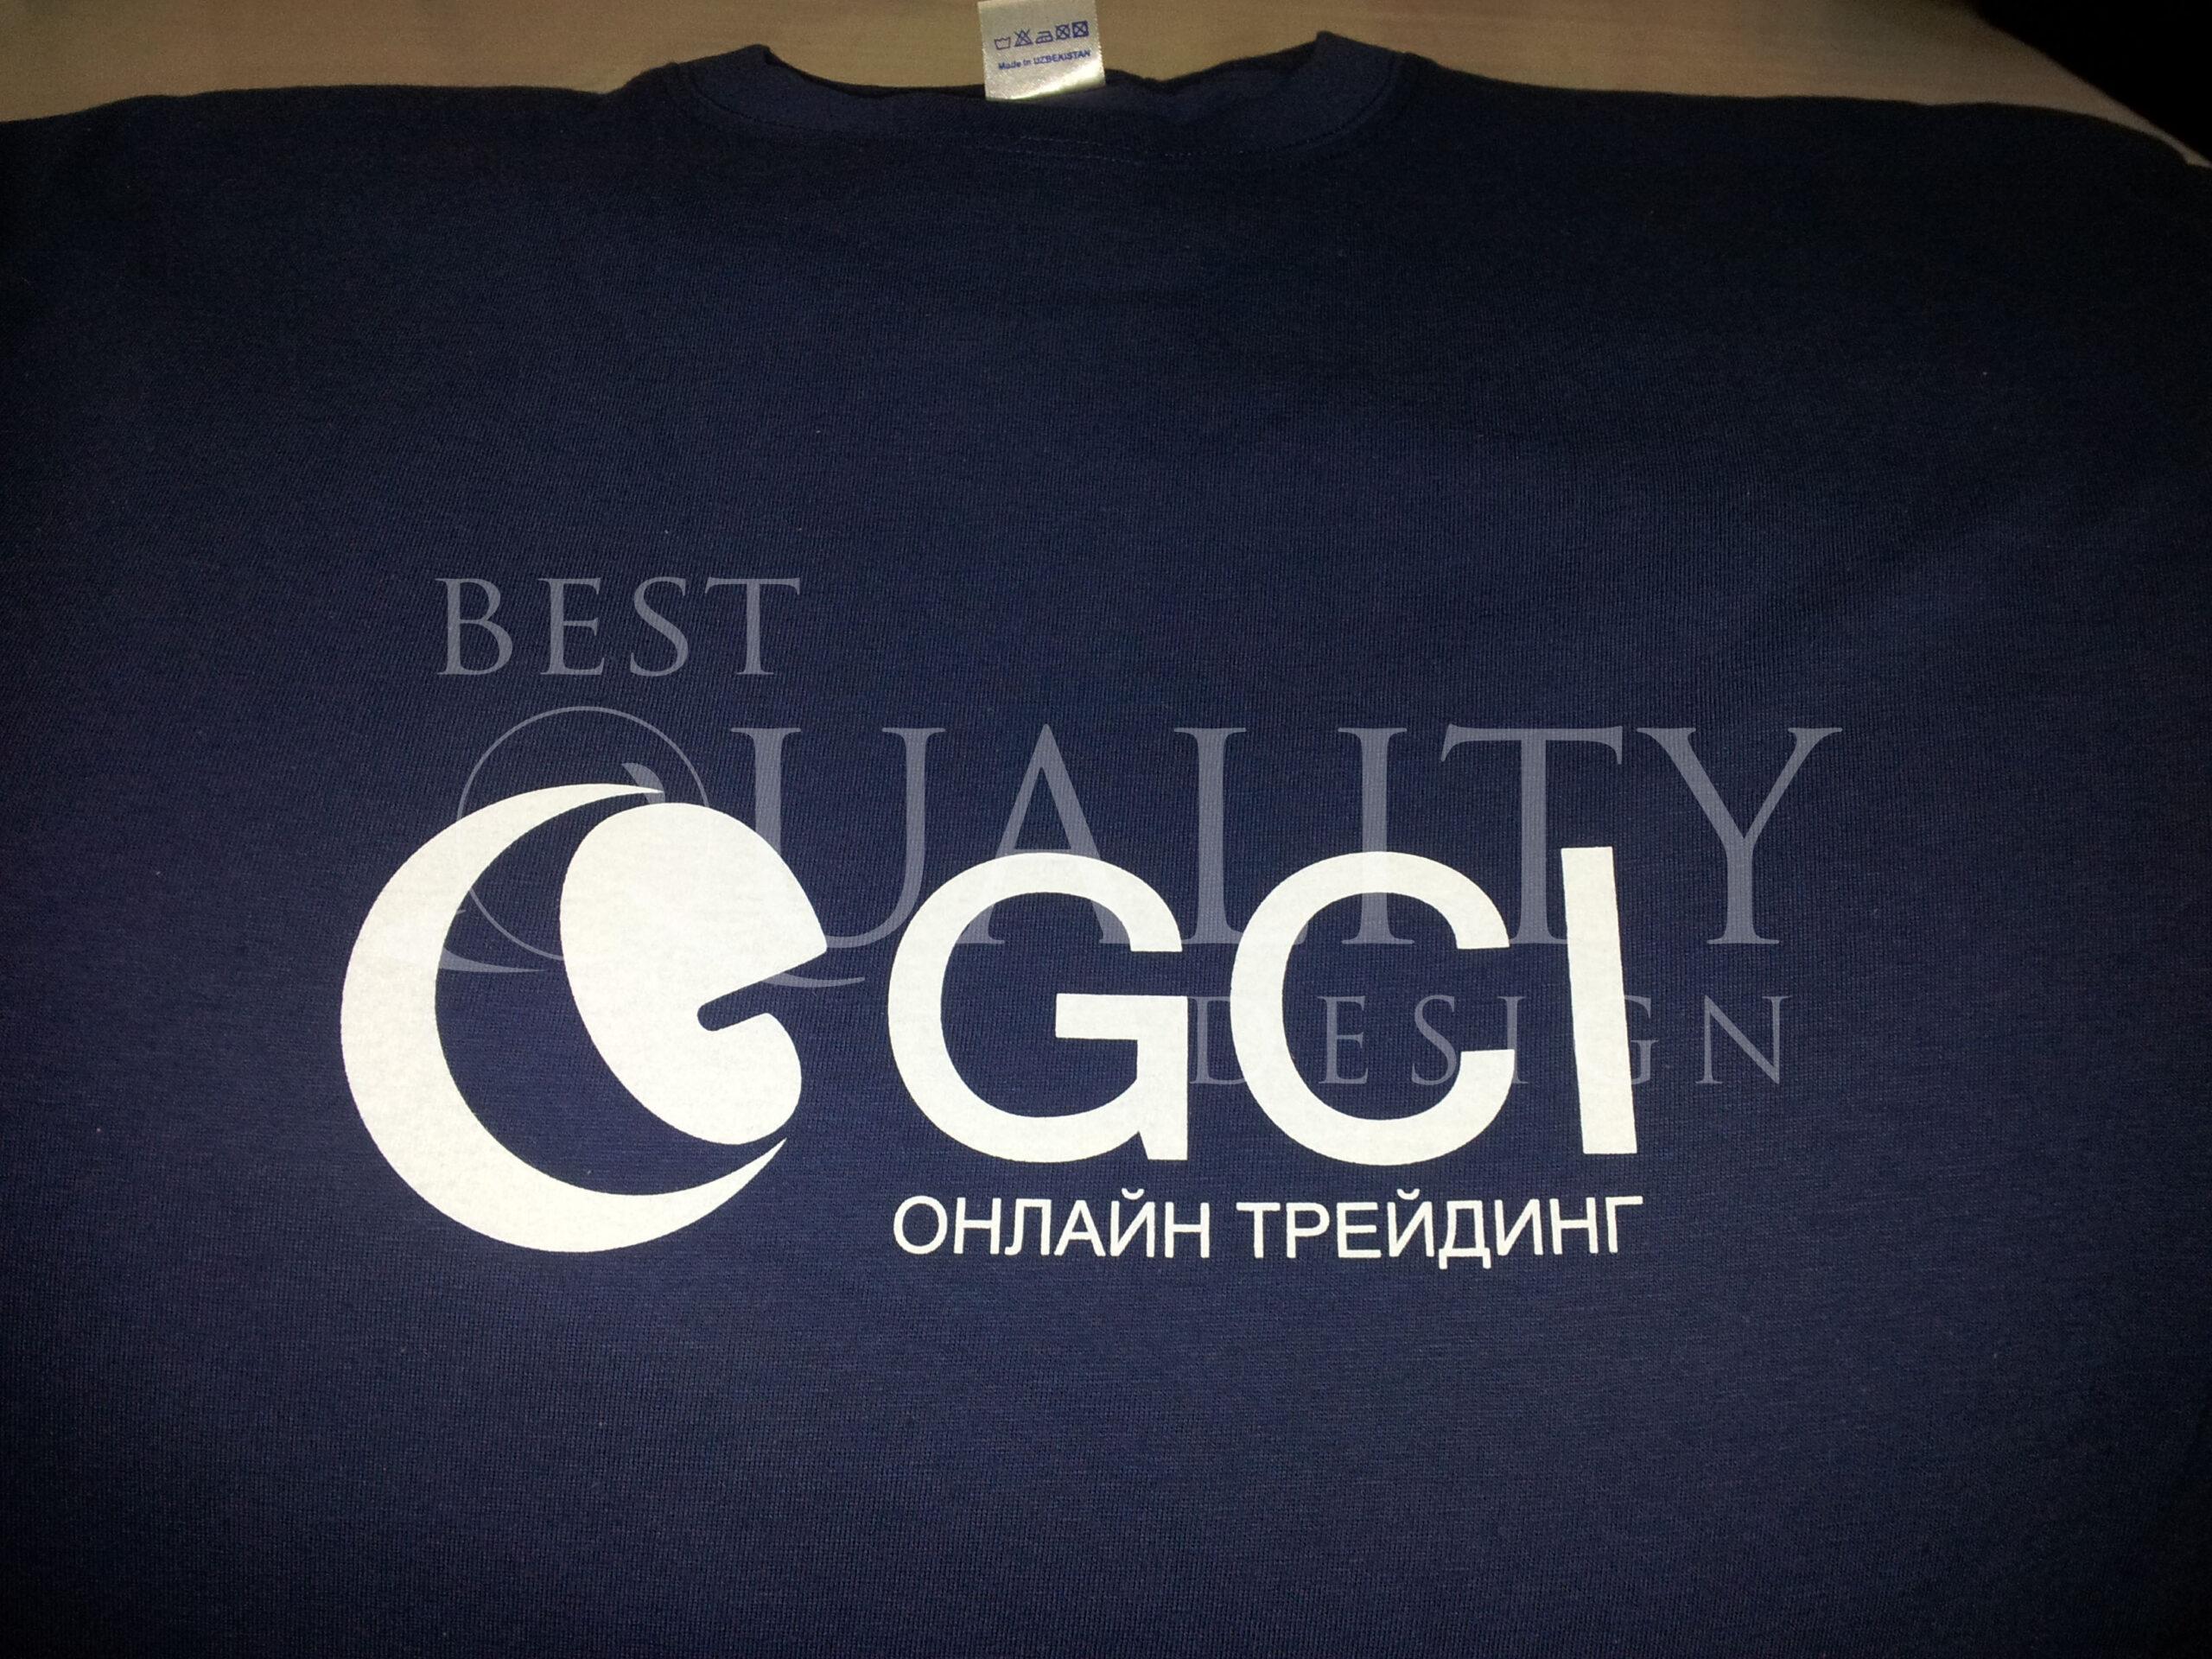 Сувенирная продукция для компании GCI Financial Ltd